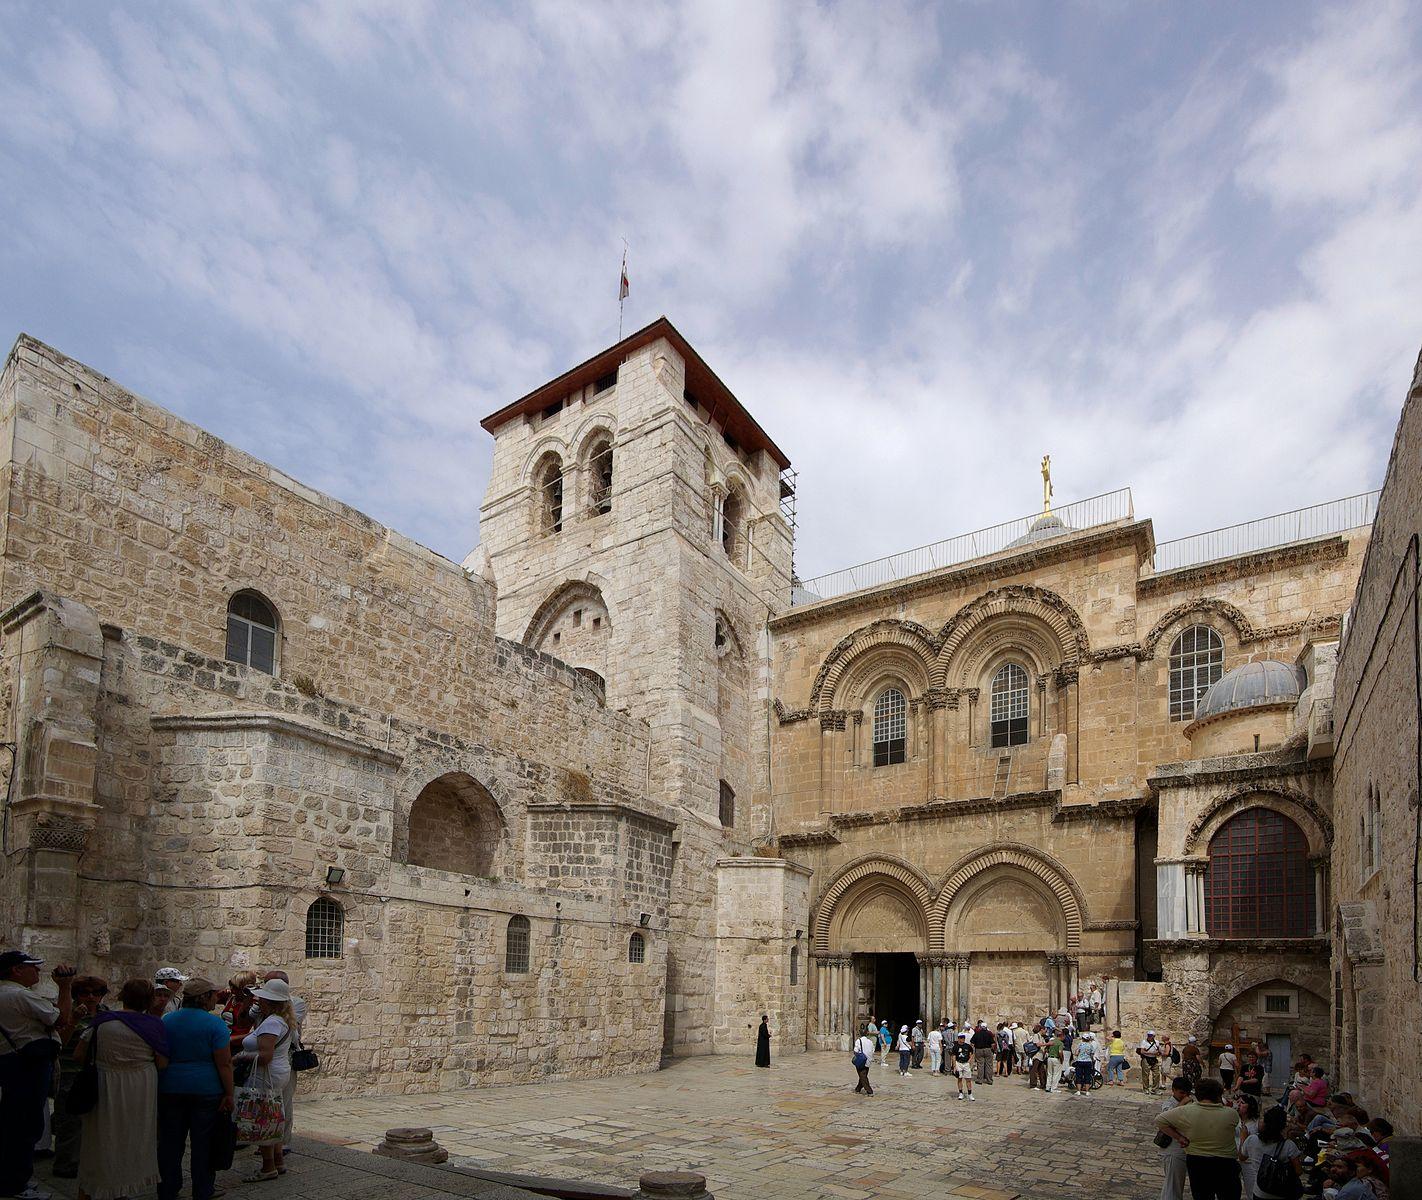 El poder blando religioso de Putin llega a Jerusalén – Por Shay Attias (BESA)